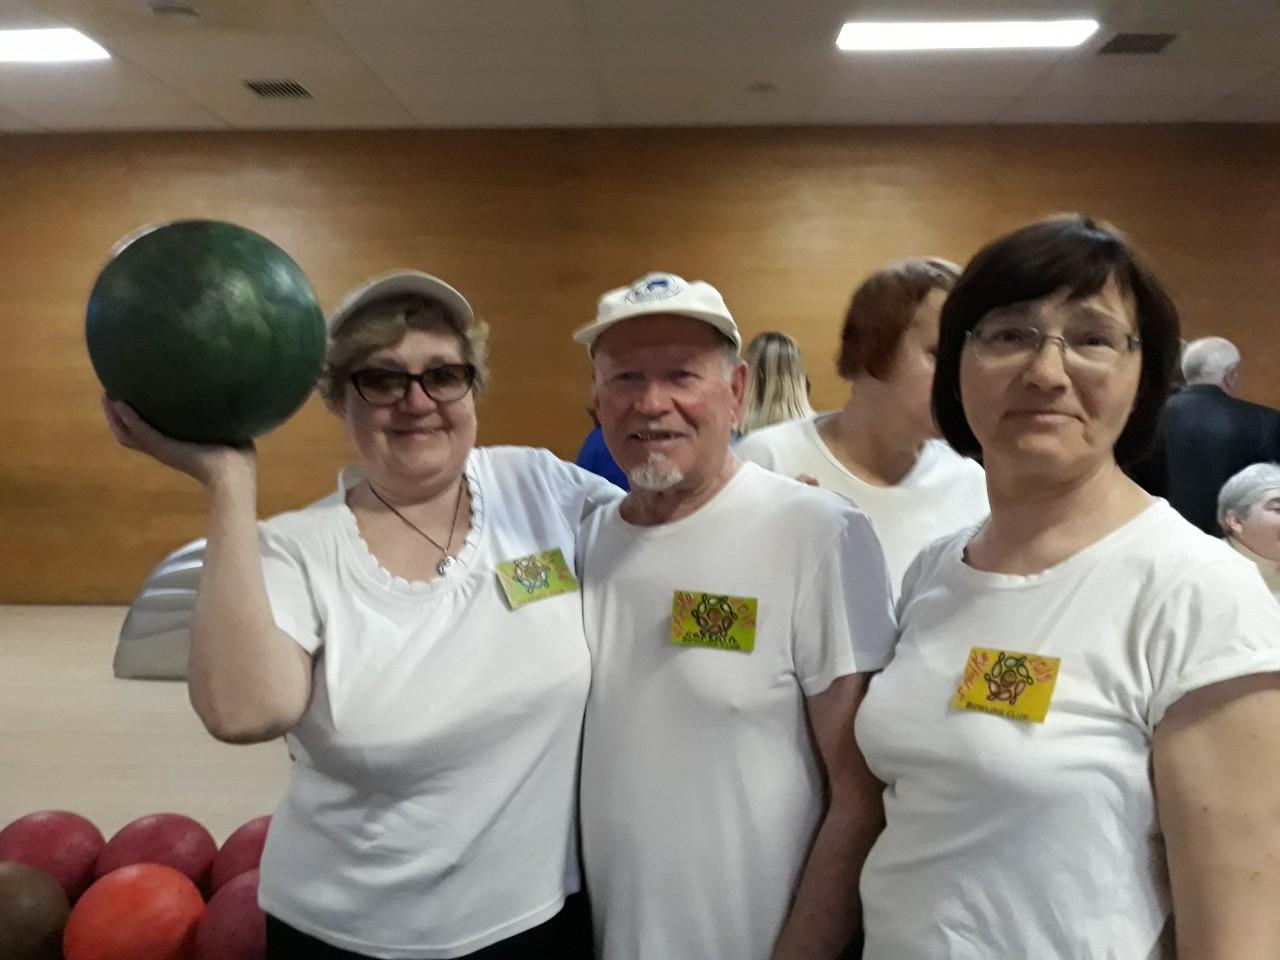 Харьковские пенсионеры приняли участие в турнире по боулингу